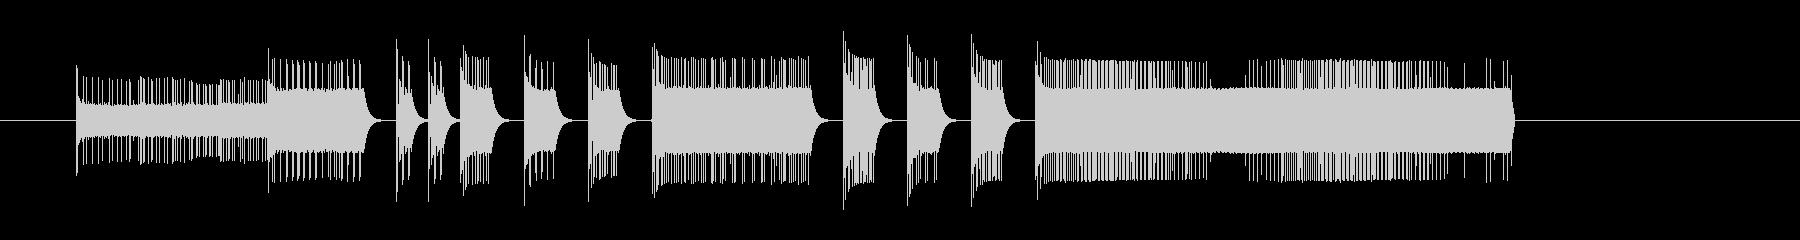 ファミコンゲーム風ファンファーレの未再生の波形